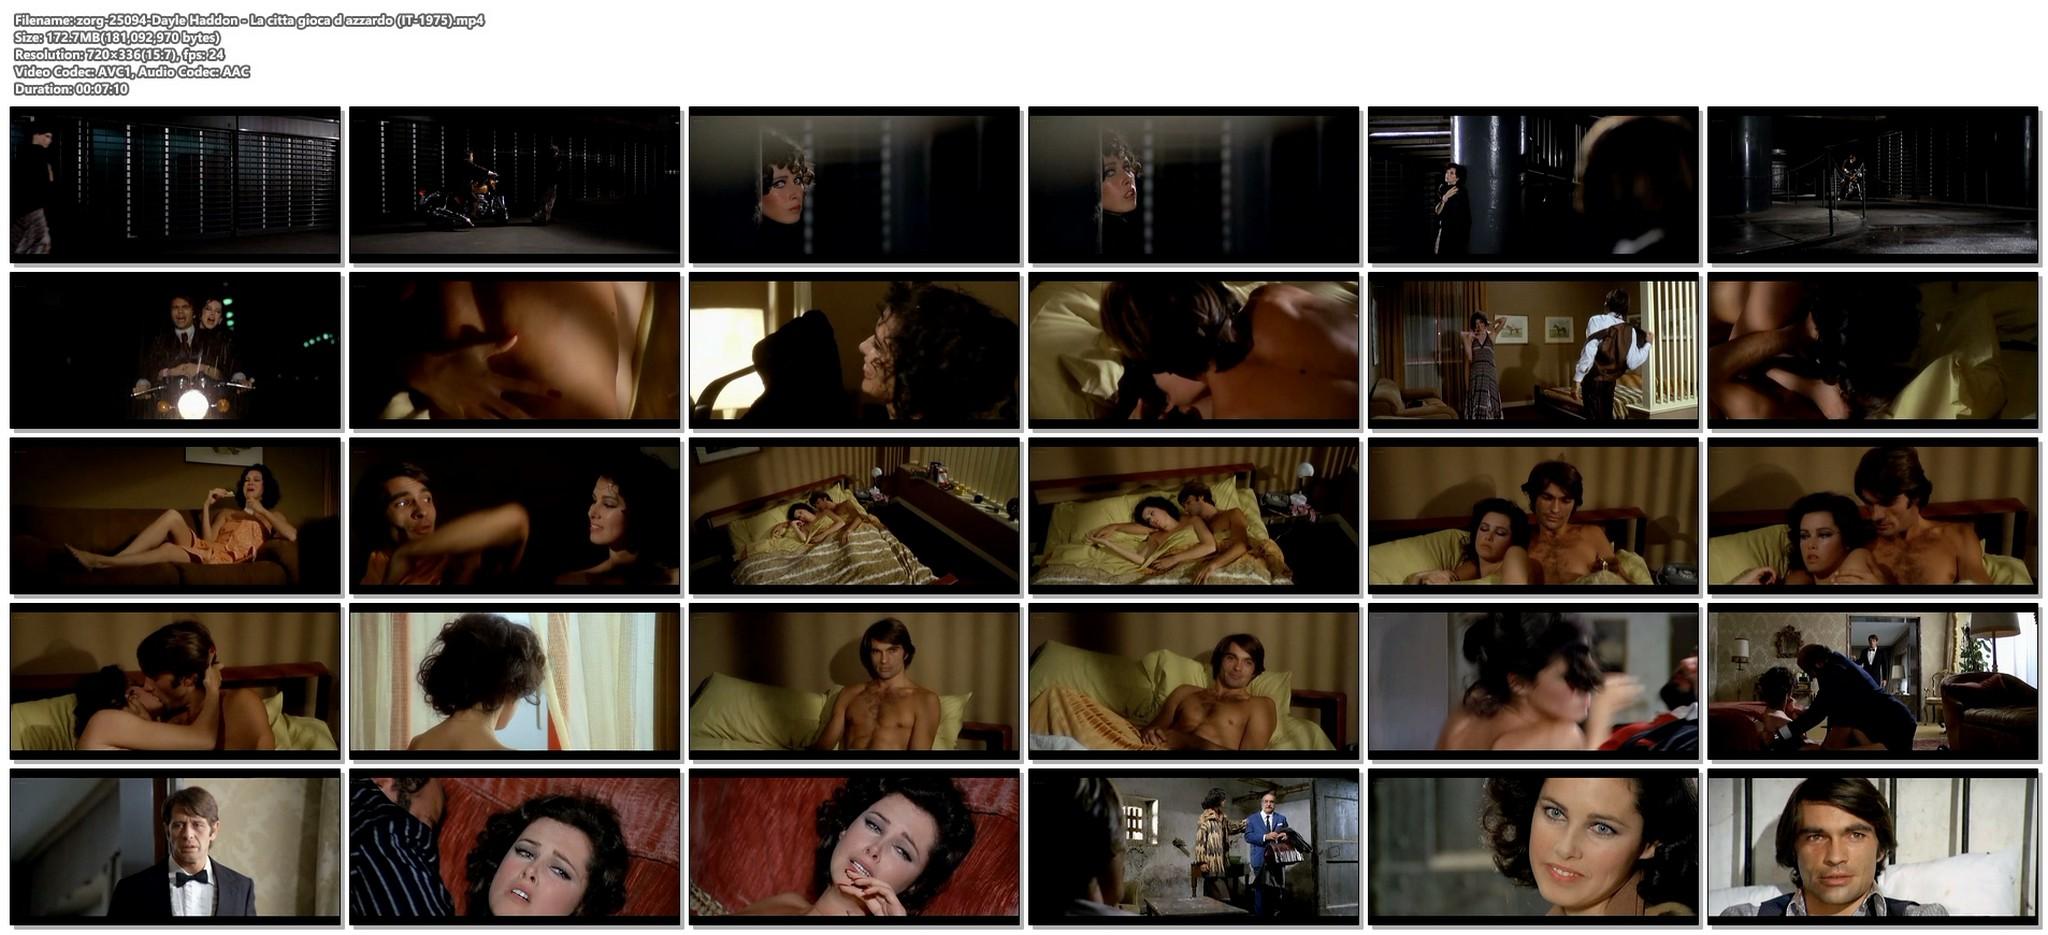 Dayle Haddon nude some sex La citta gioca d azzardo IT 1975 12